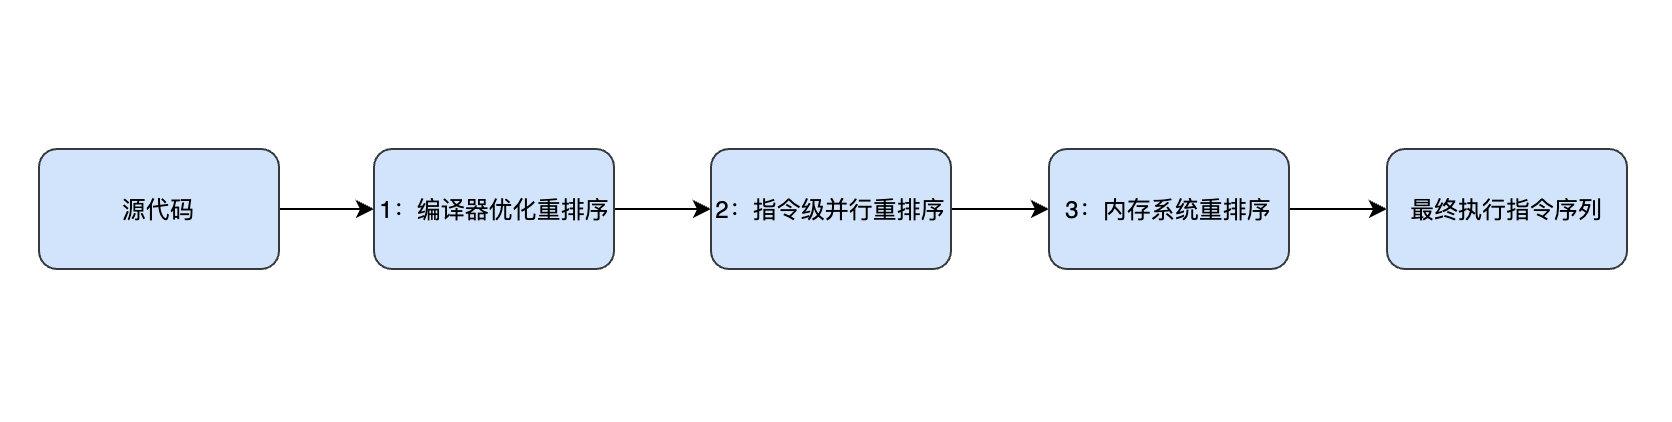 指令重排序